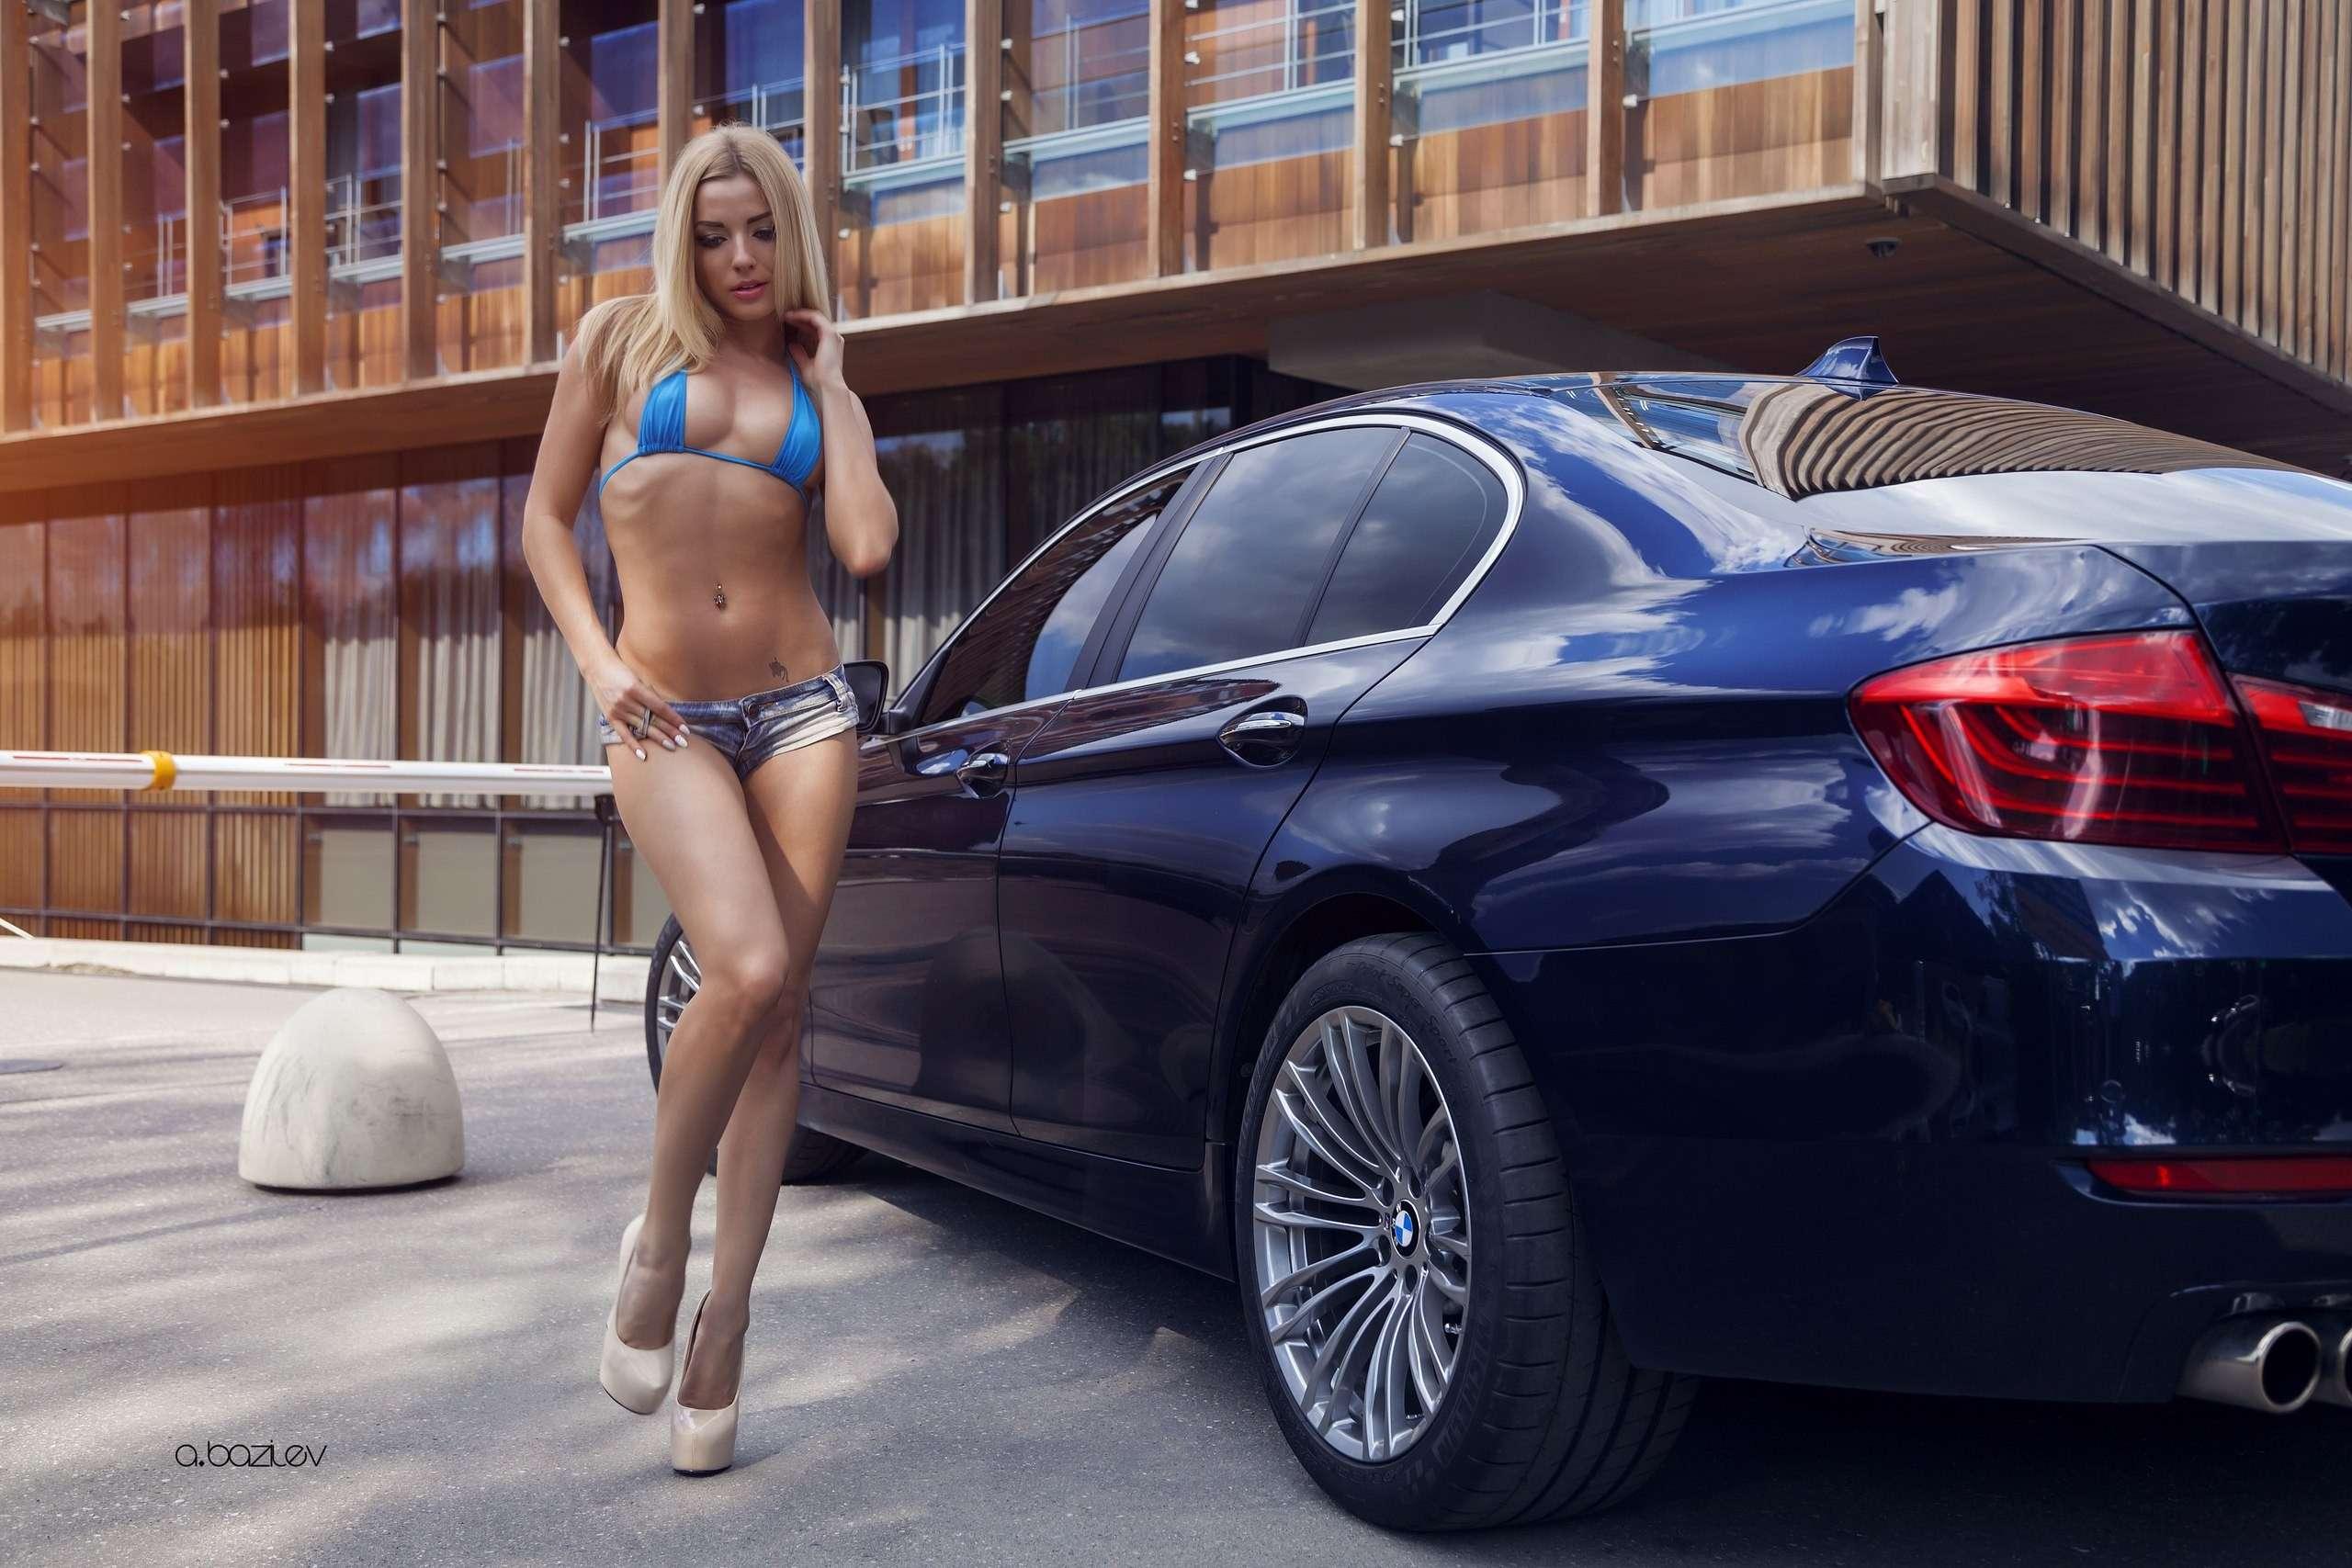 301011 - Сексуальные девушки и автомобили (часть 26)